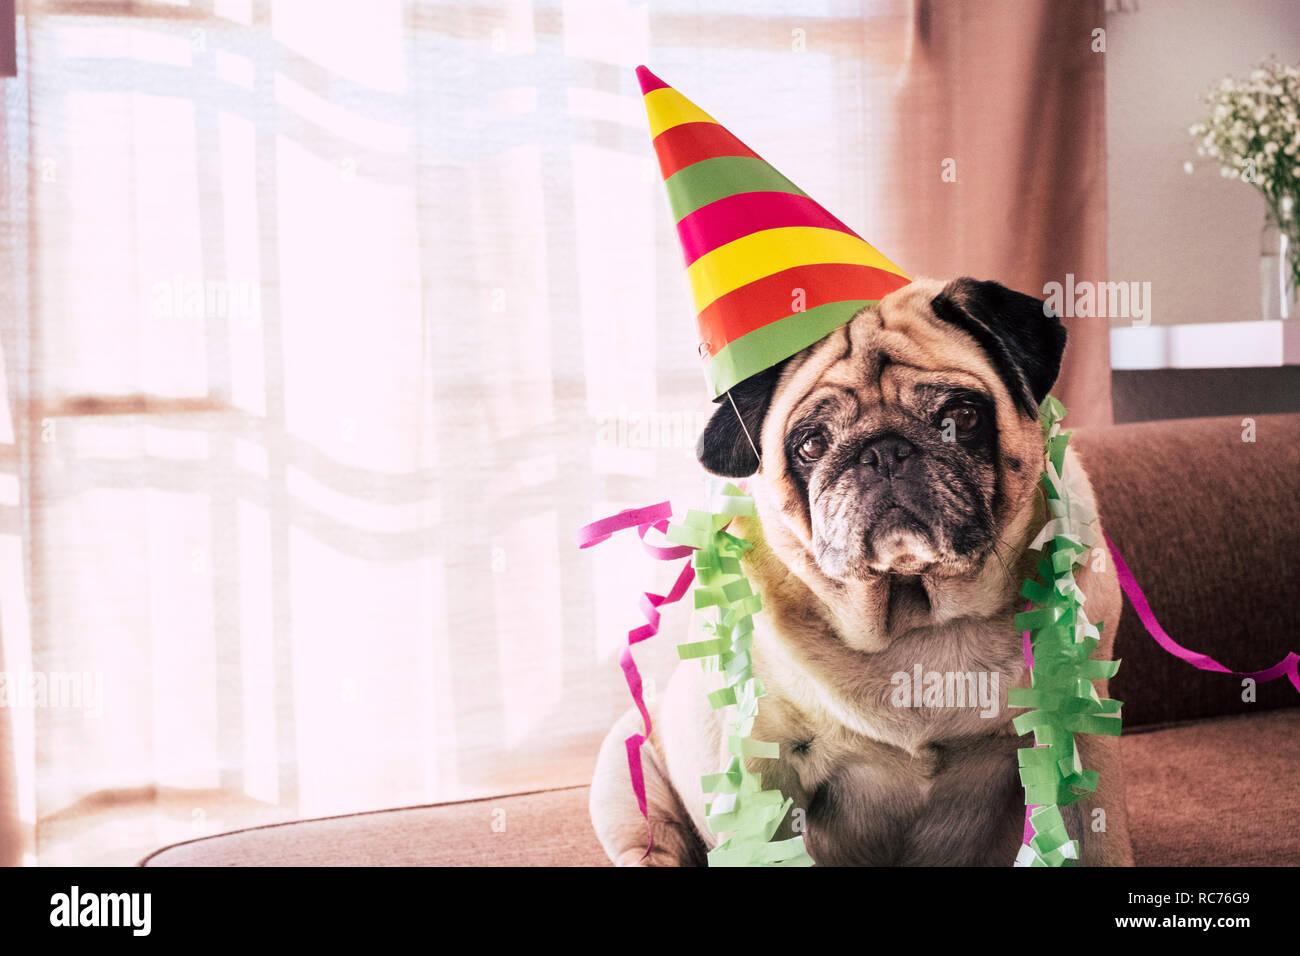 Geburtstag Mops Stockfotos Geburtstag Mops Bilder Alamy